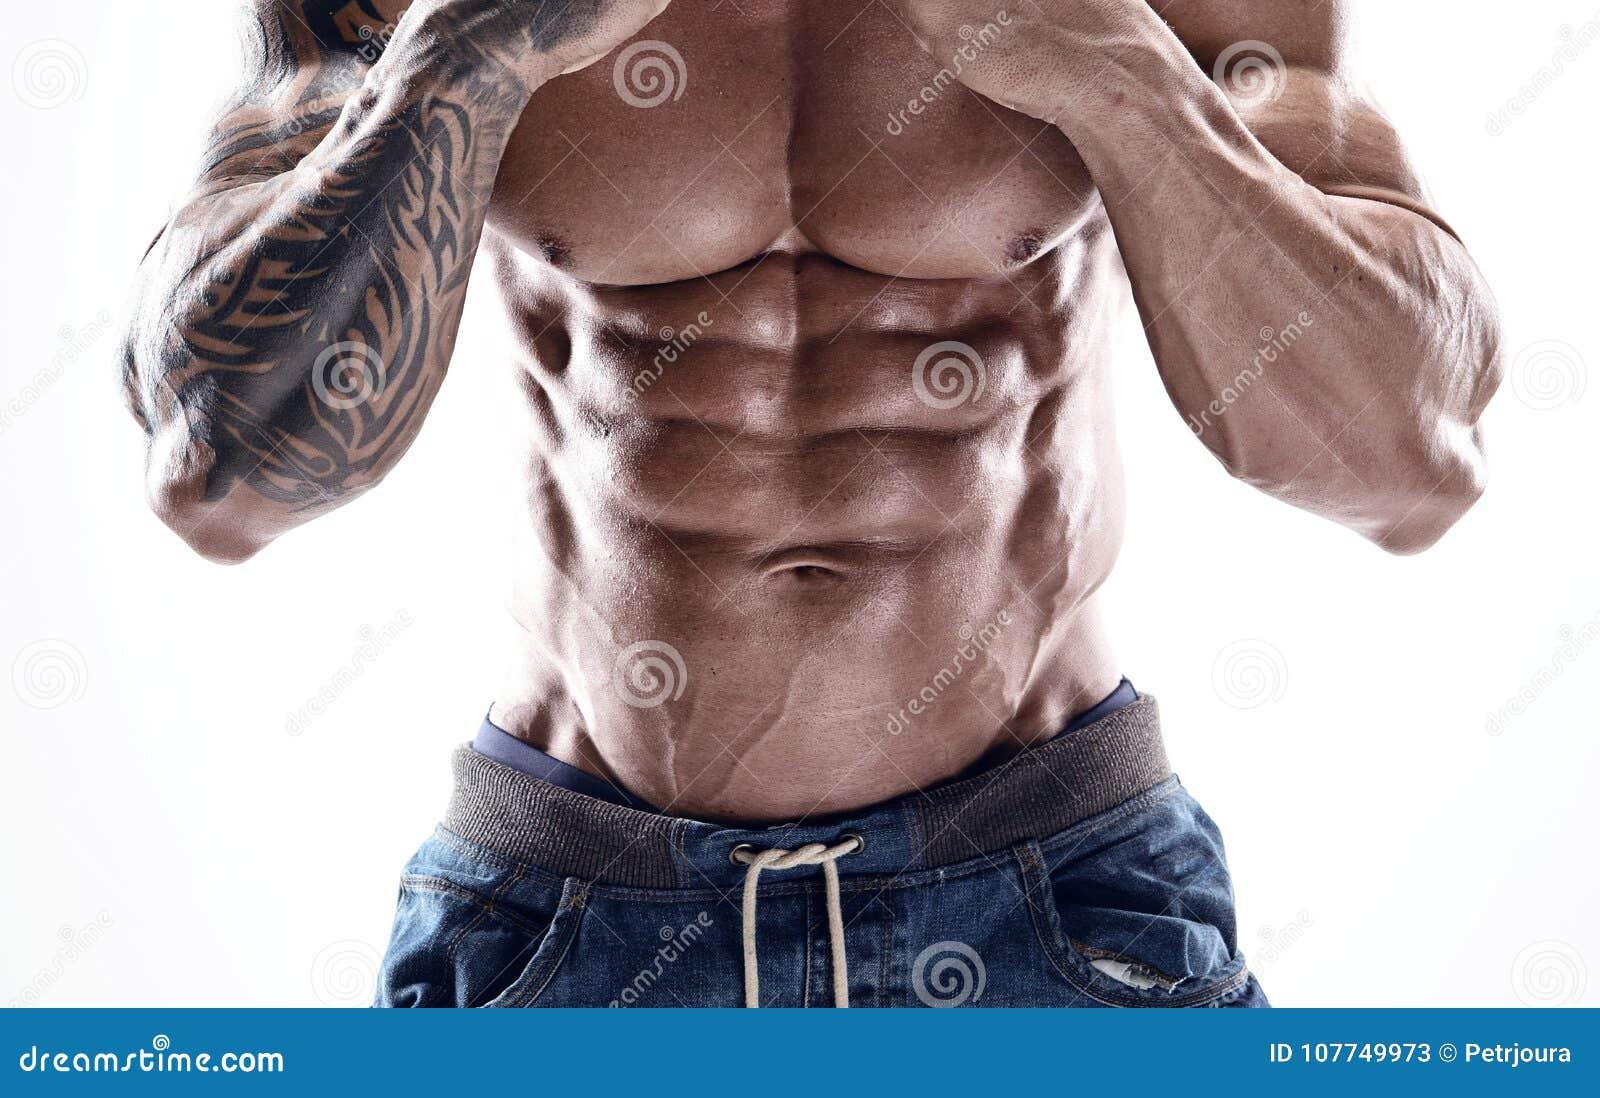 Portret silny Sportowy sprawność fizyczna mężczyzna pokazuje dużych mięśnie